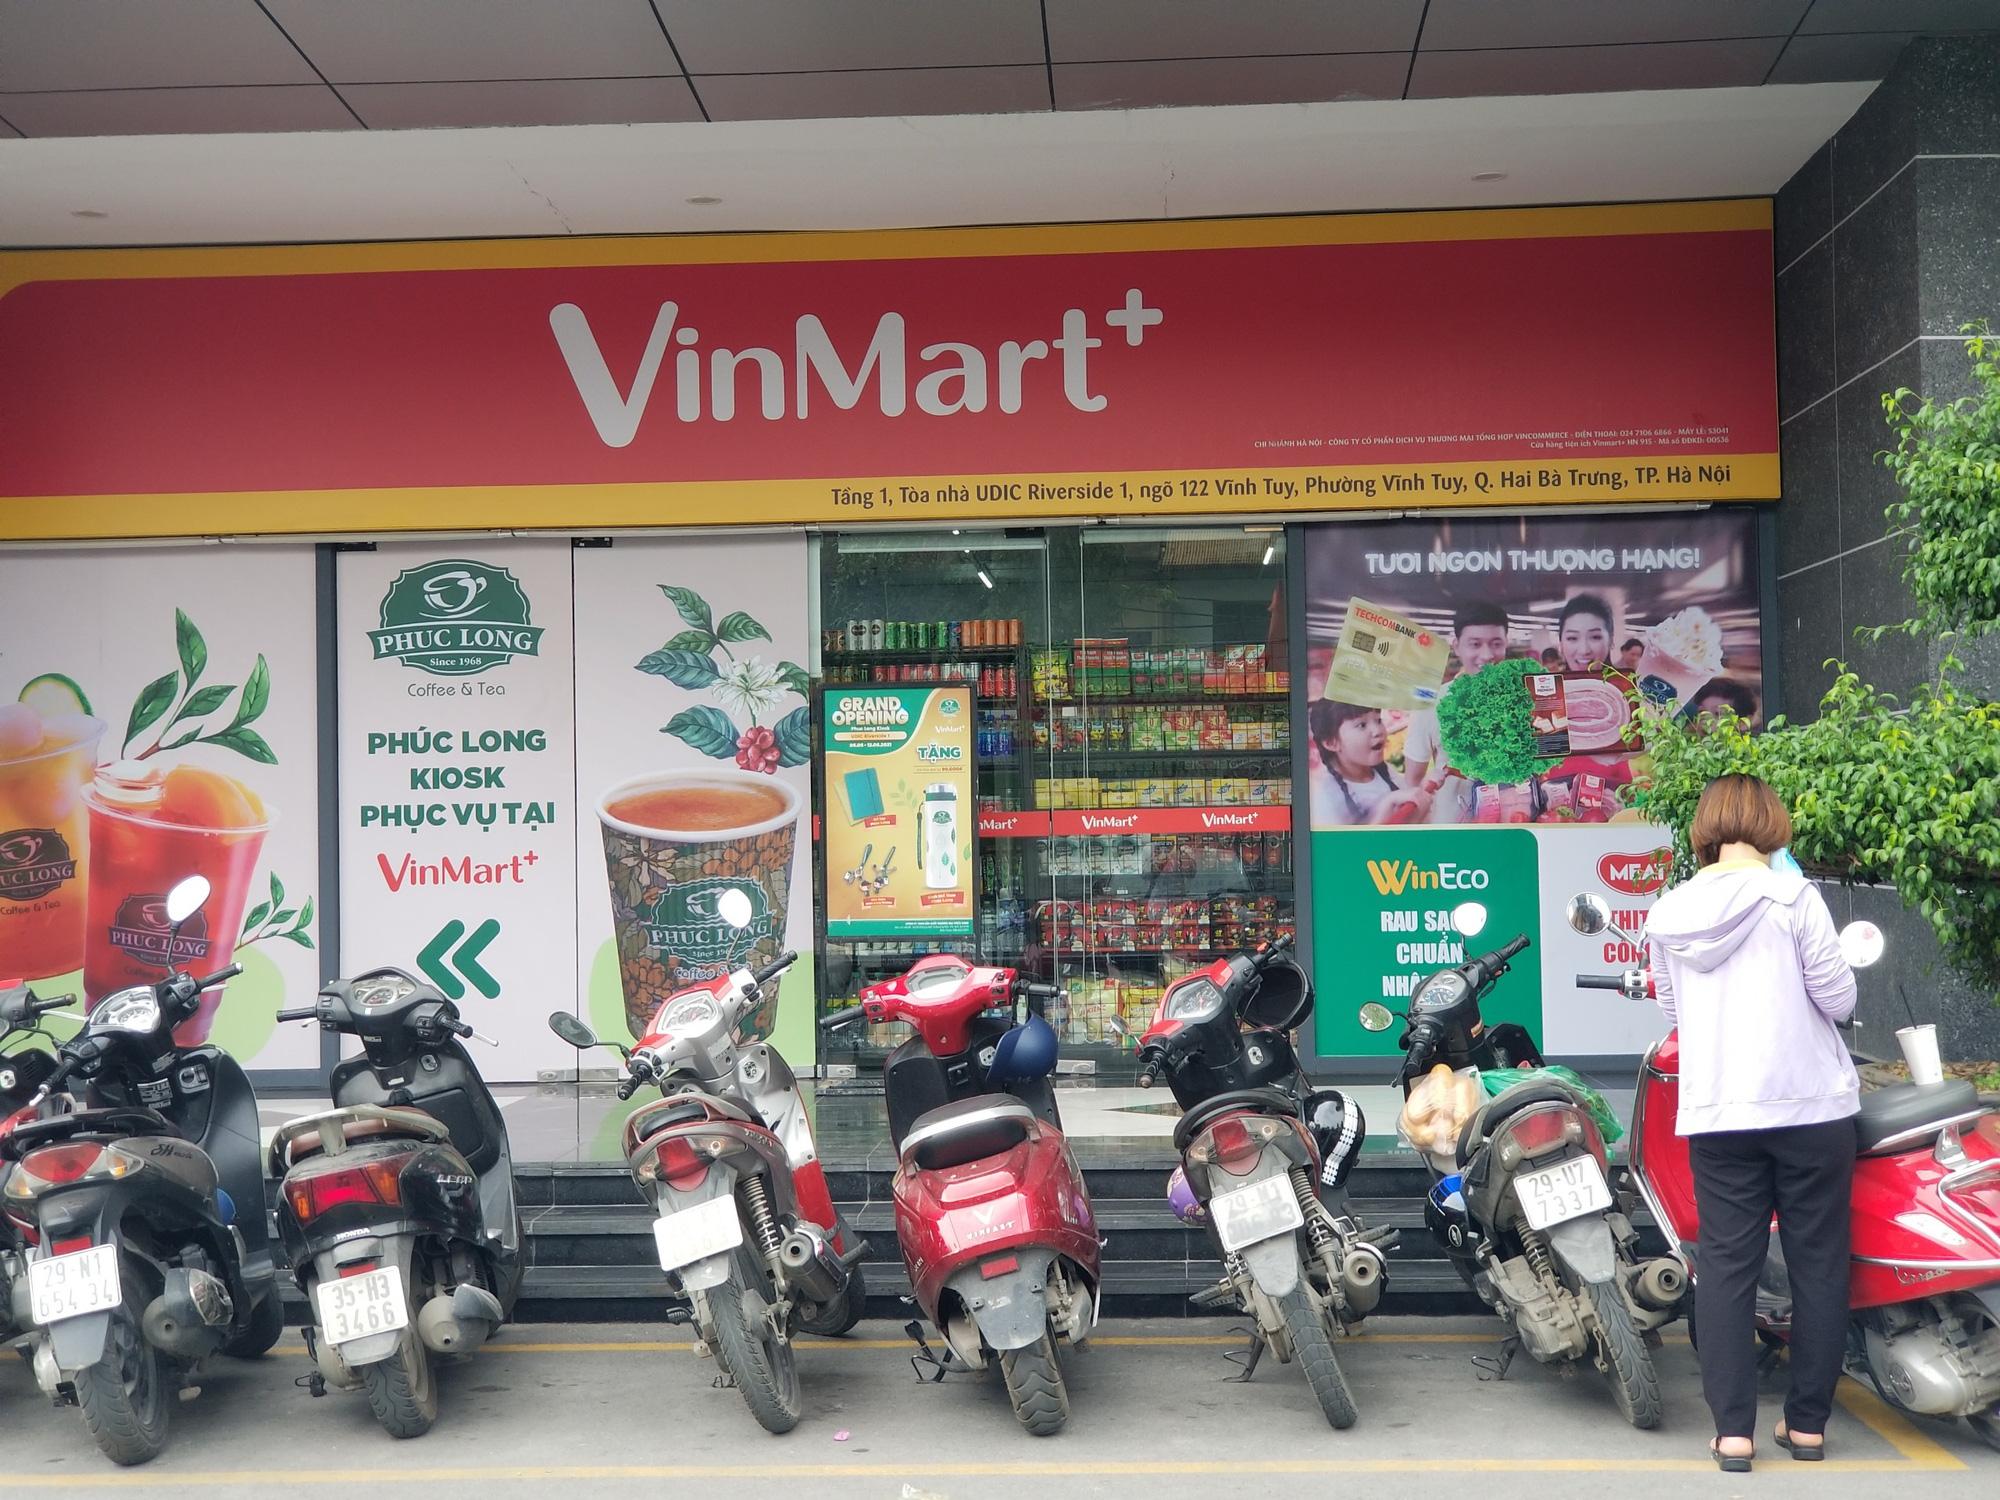 Cửa hàng VinMart+ kết hợp với dịch vụ tài chính Techcombank cùng kiosk Phúc Long lần đầu xuất hiện tại Hà Nội - Ảnh 10.